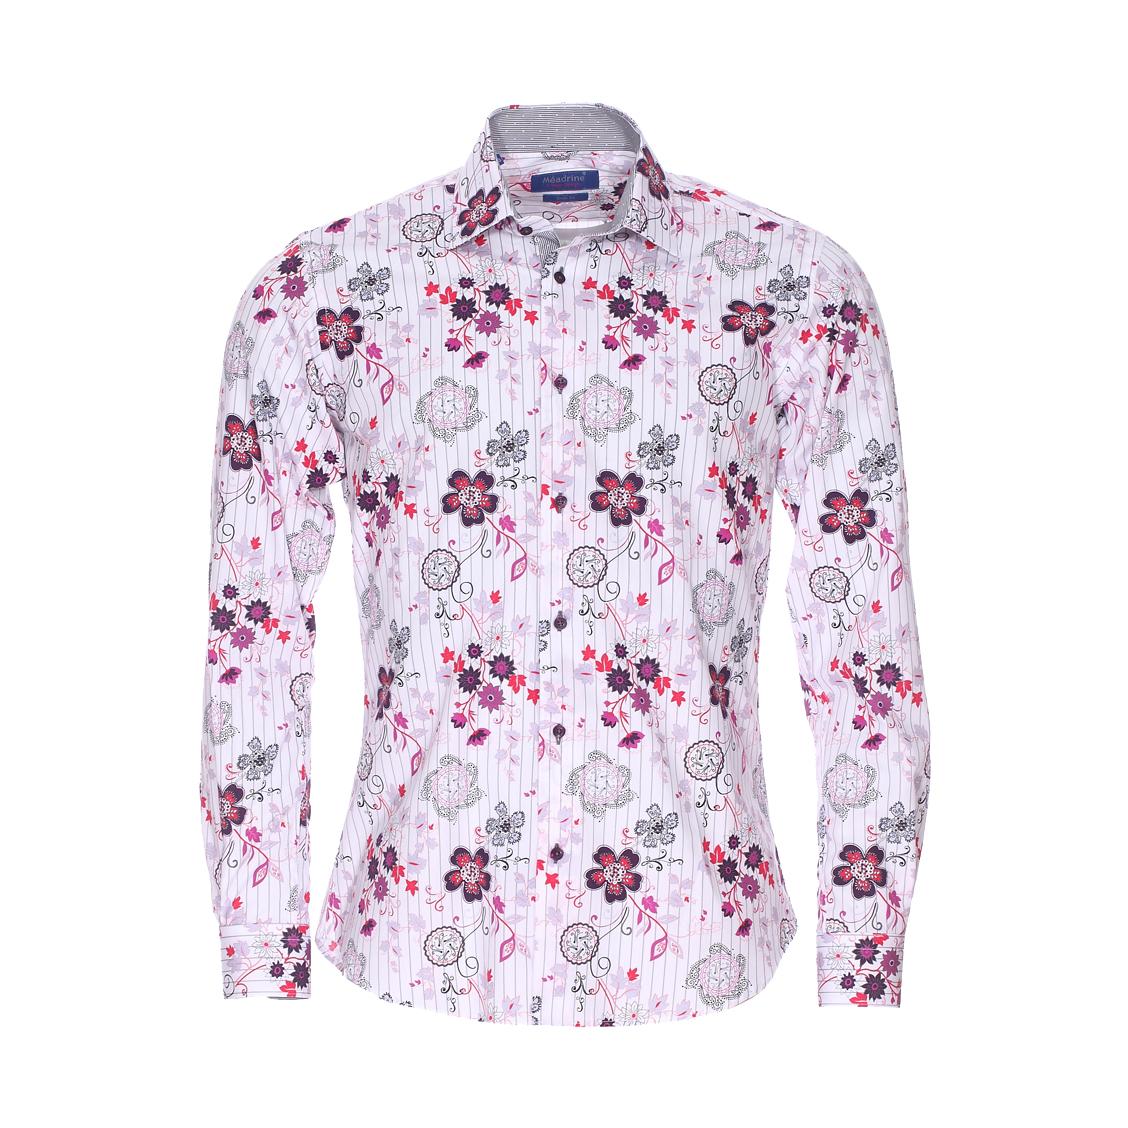 Chemise cintrée  en coton blanc à fleurs violettes et roses et rayures grises